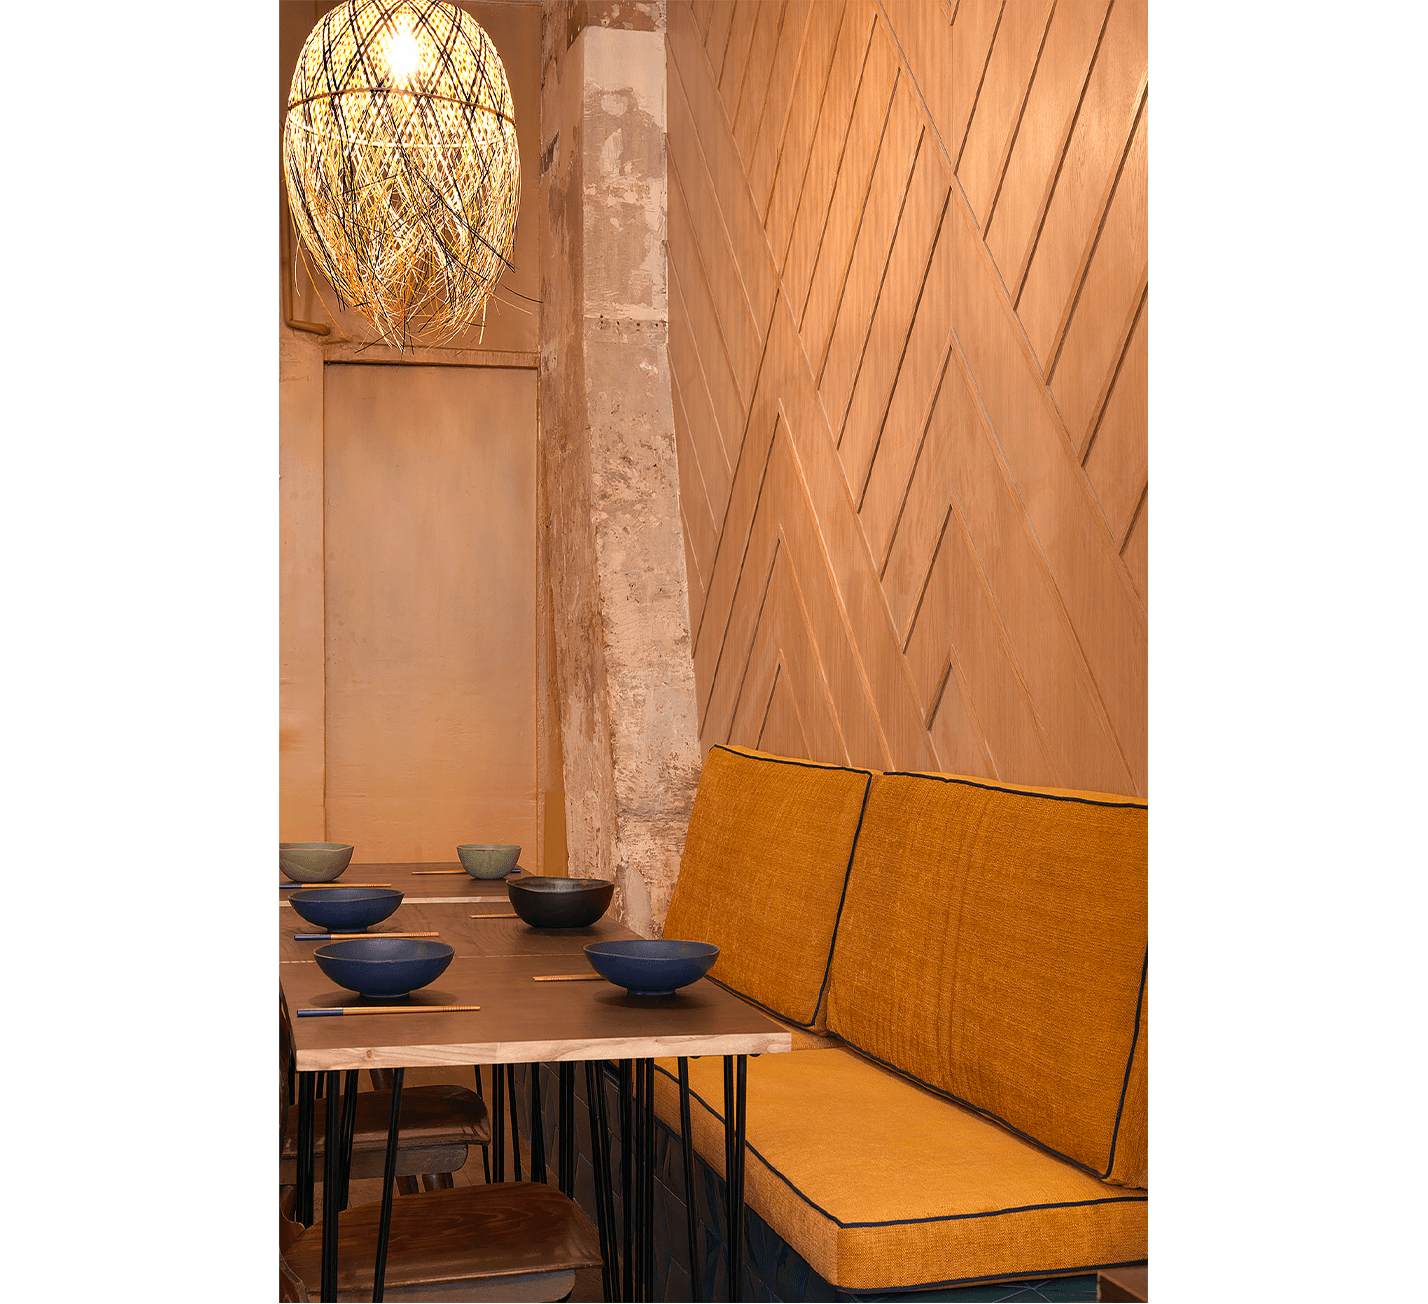 Projet-Natives-Atelier-Steve-Pauline-Borgia-Architecture-interieur-06-min-1